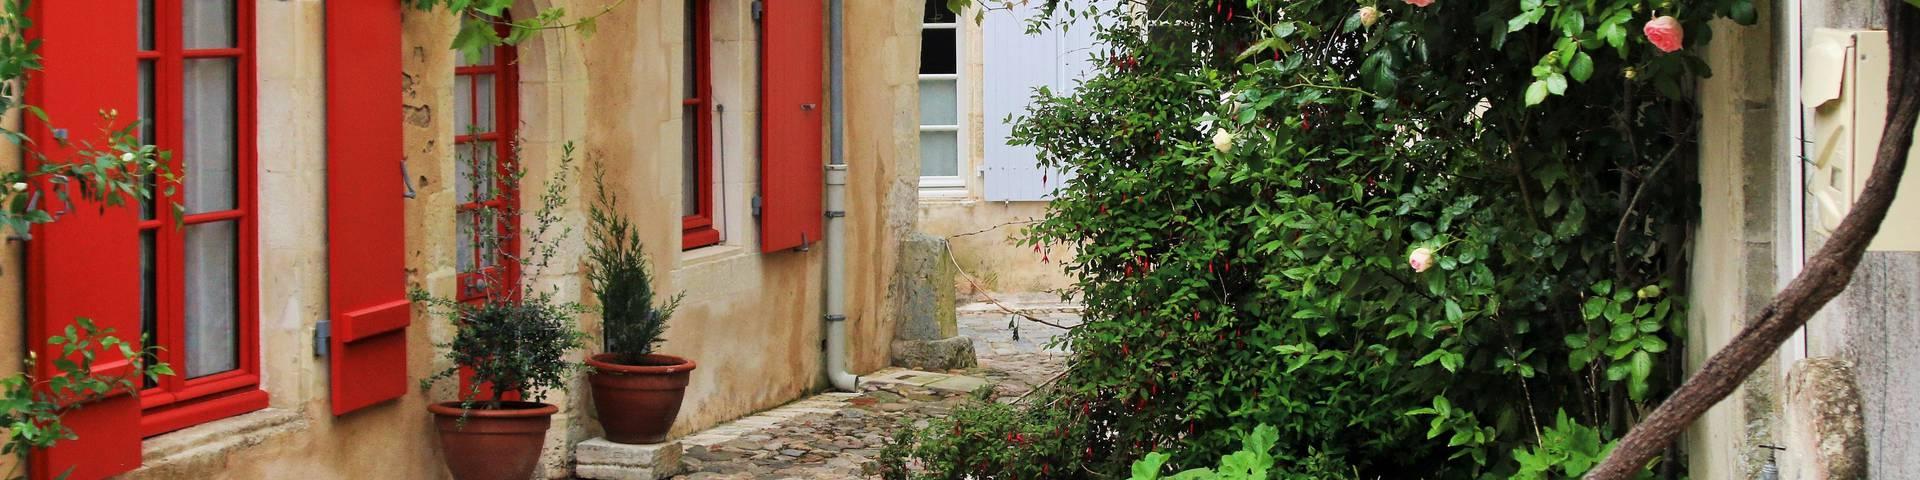 Chambres d'hôtes à Saint-Martin-de-Ré par Lesley Williamson